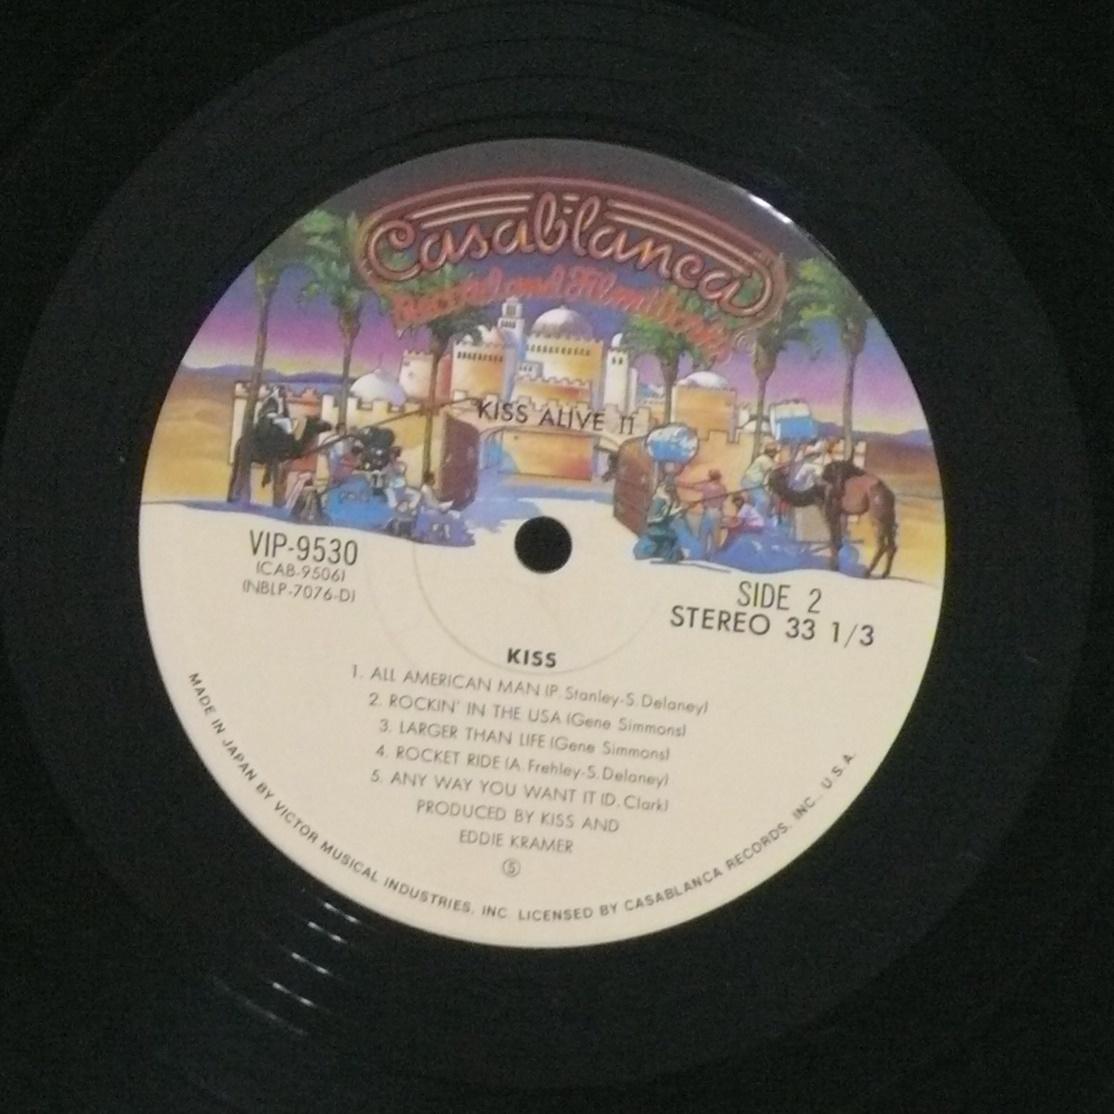 【ワンコインセール】 KISS ALIVE Ⅱ VIP-9529~30 LP レコード 2枚組 キッス アライブ II_画像7